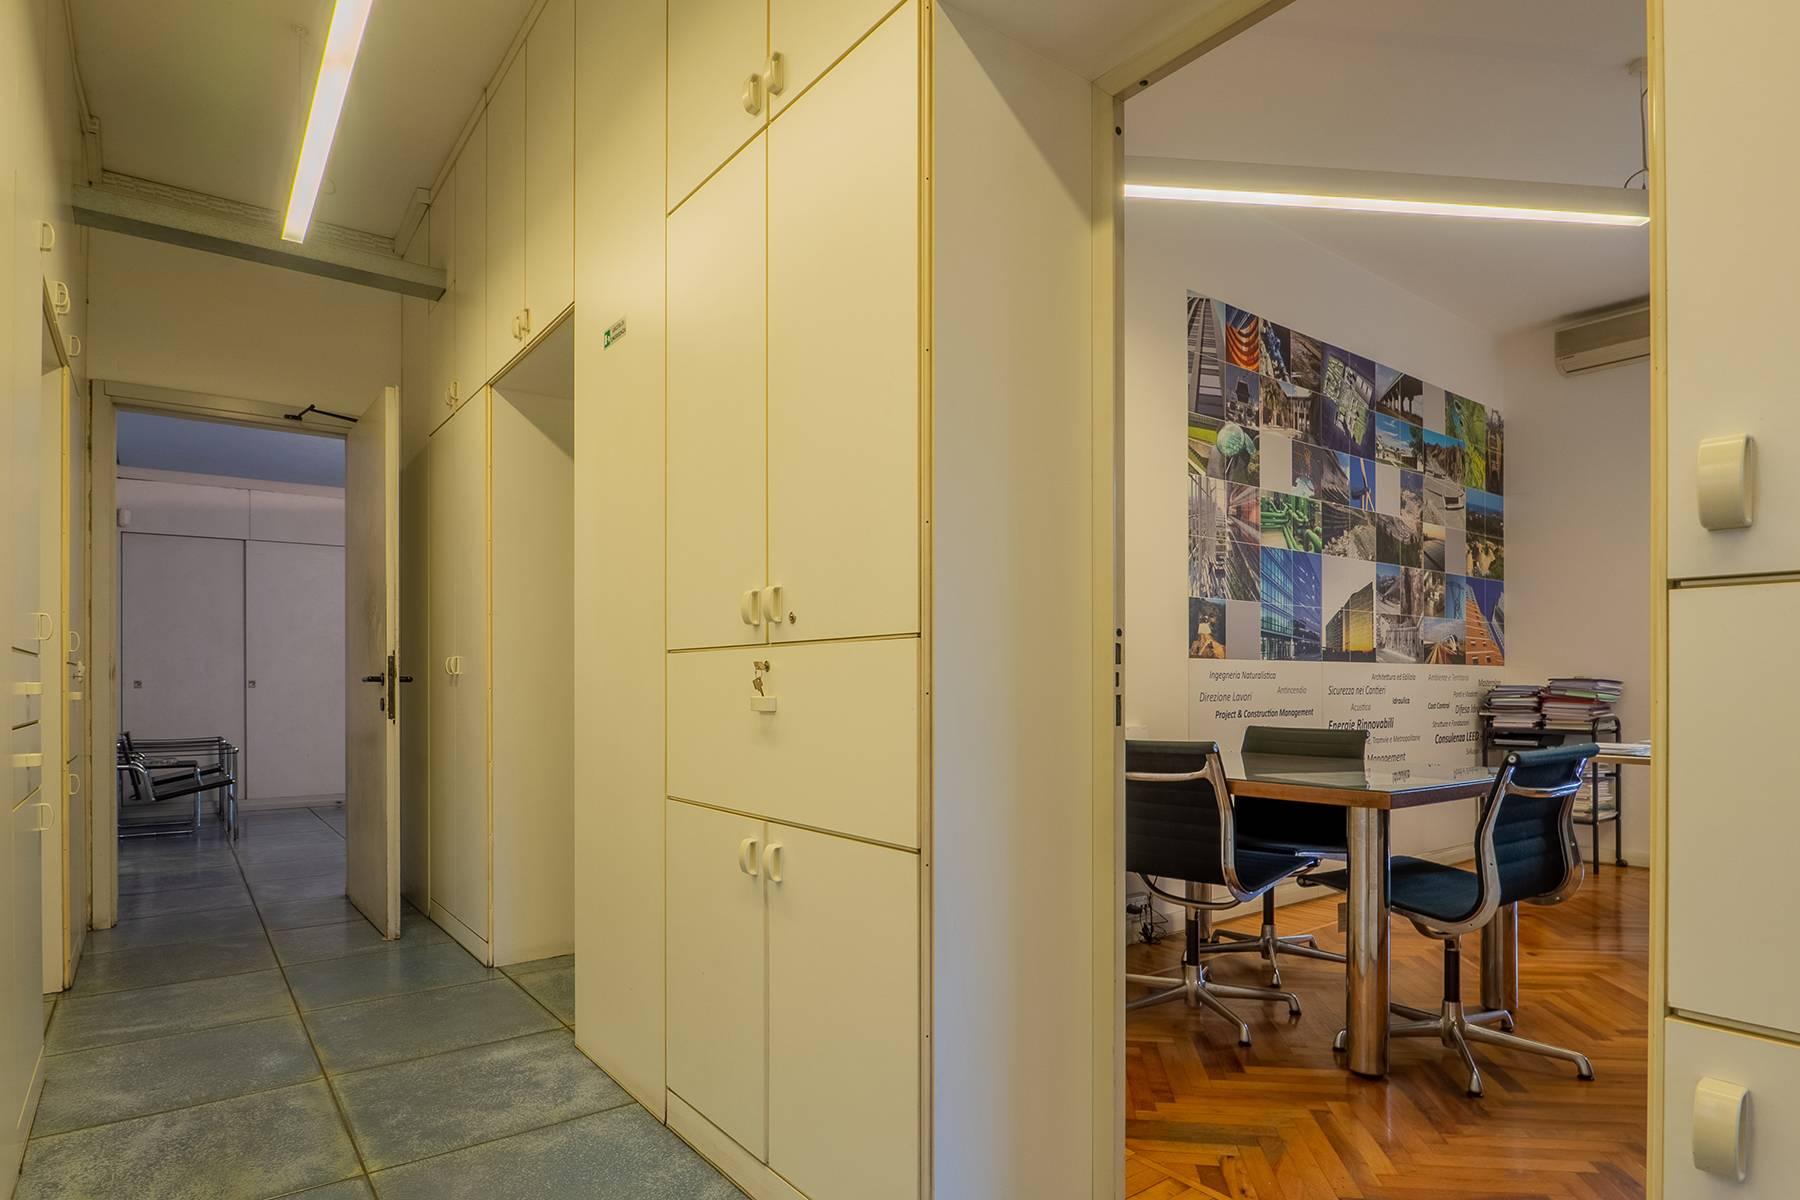 Ufficio-studio in Vendita a Torino: 4 locali, 224 mq - Foto 17